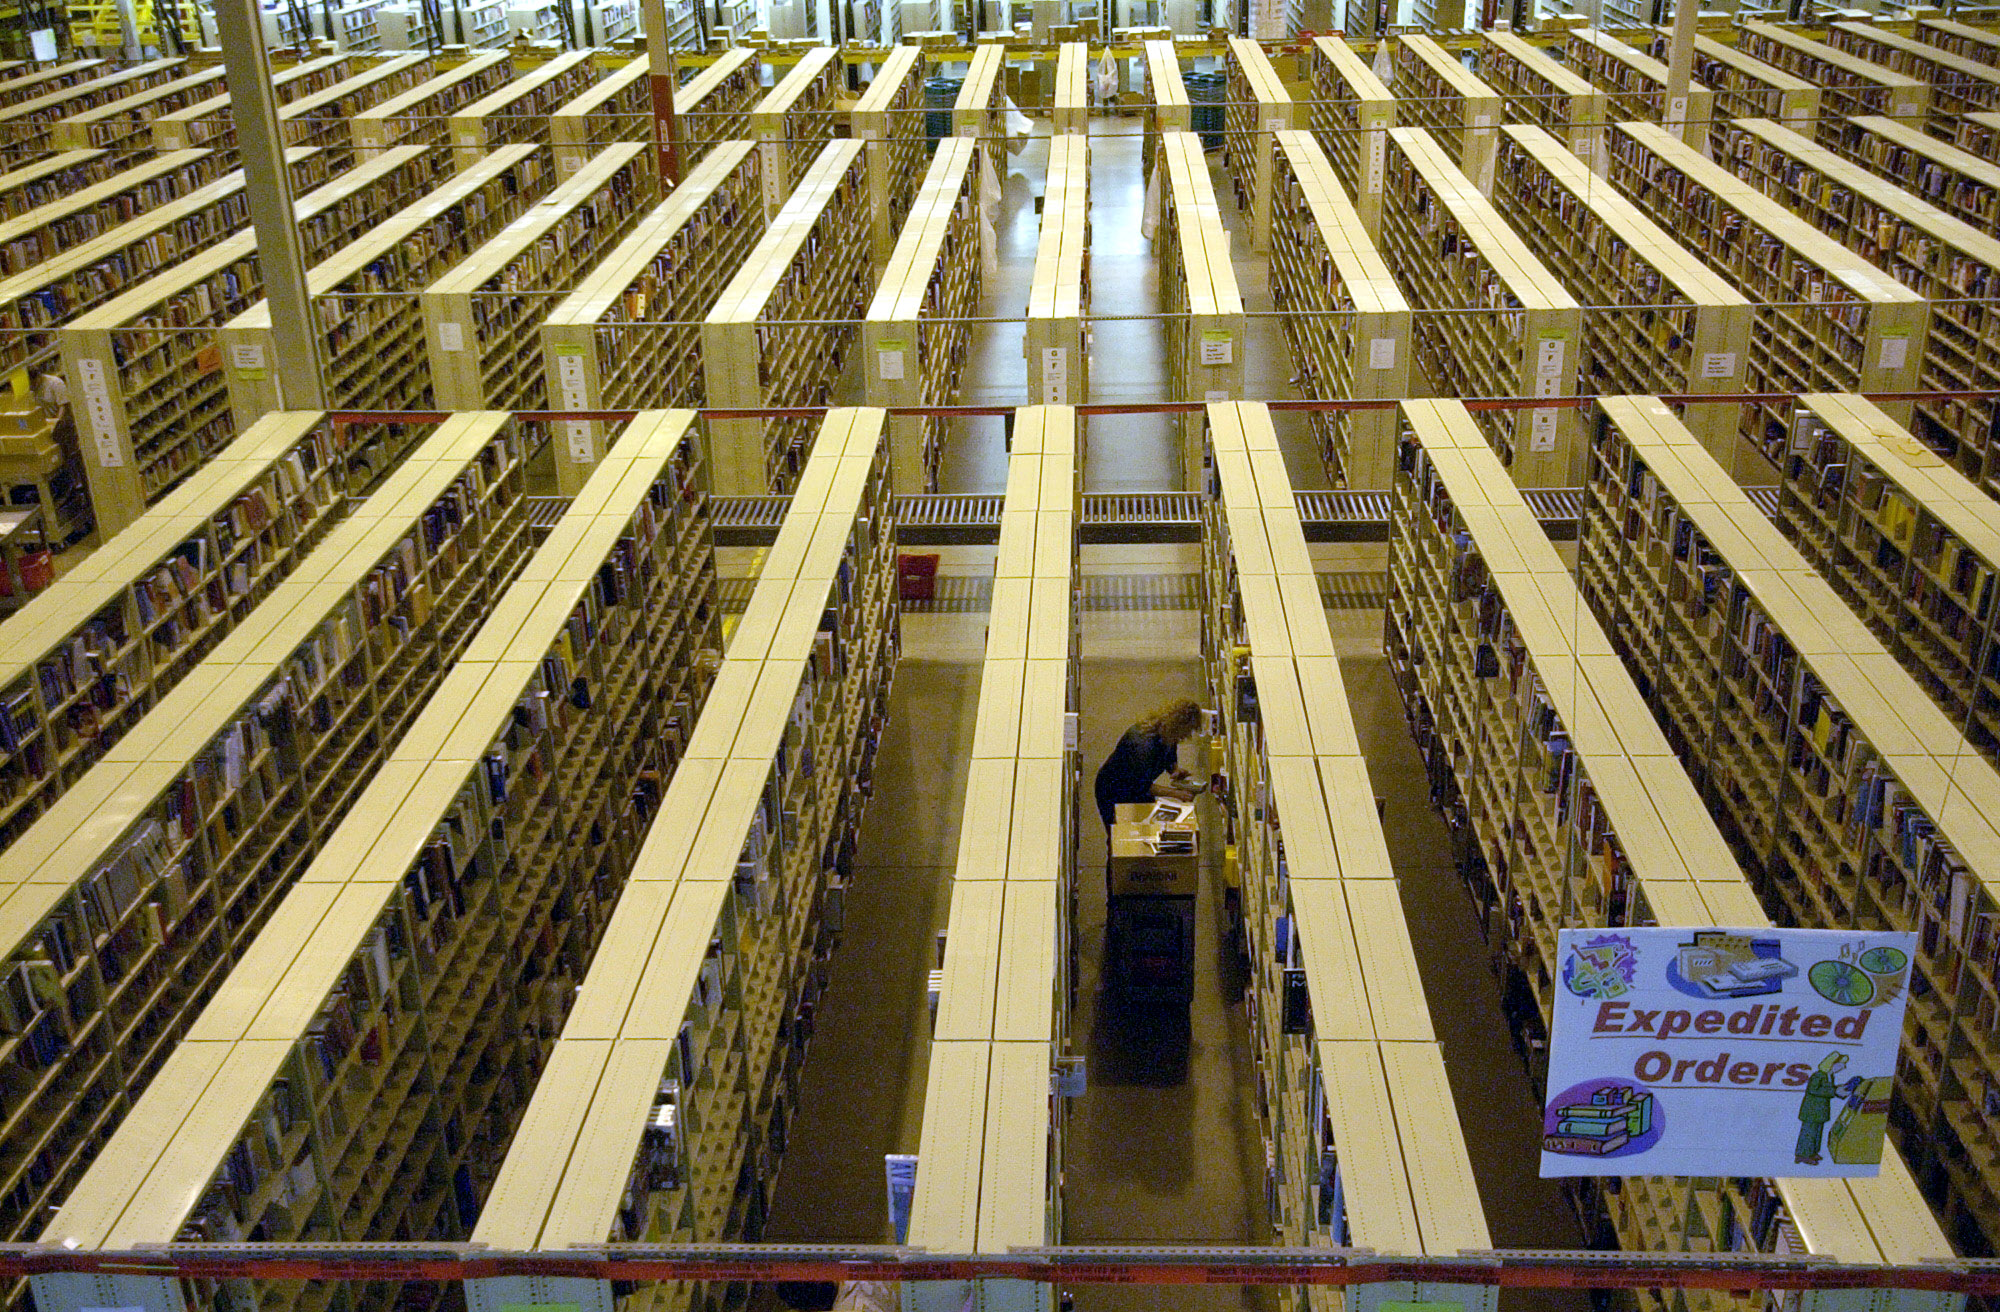 2004年3月17日,一名亞馬遜員工正在內華達州分部的運送倉庫掃描商品。(美聯社)